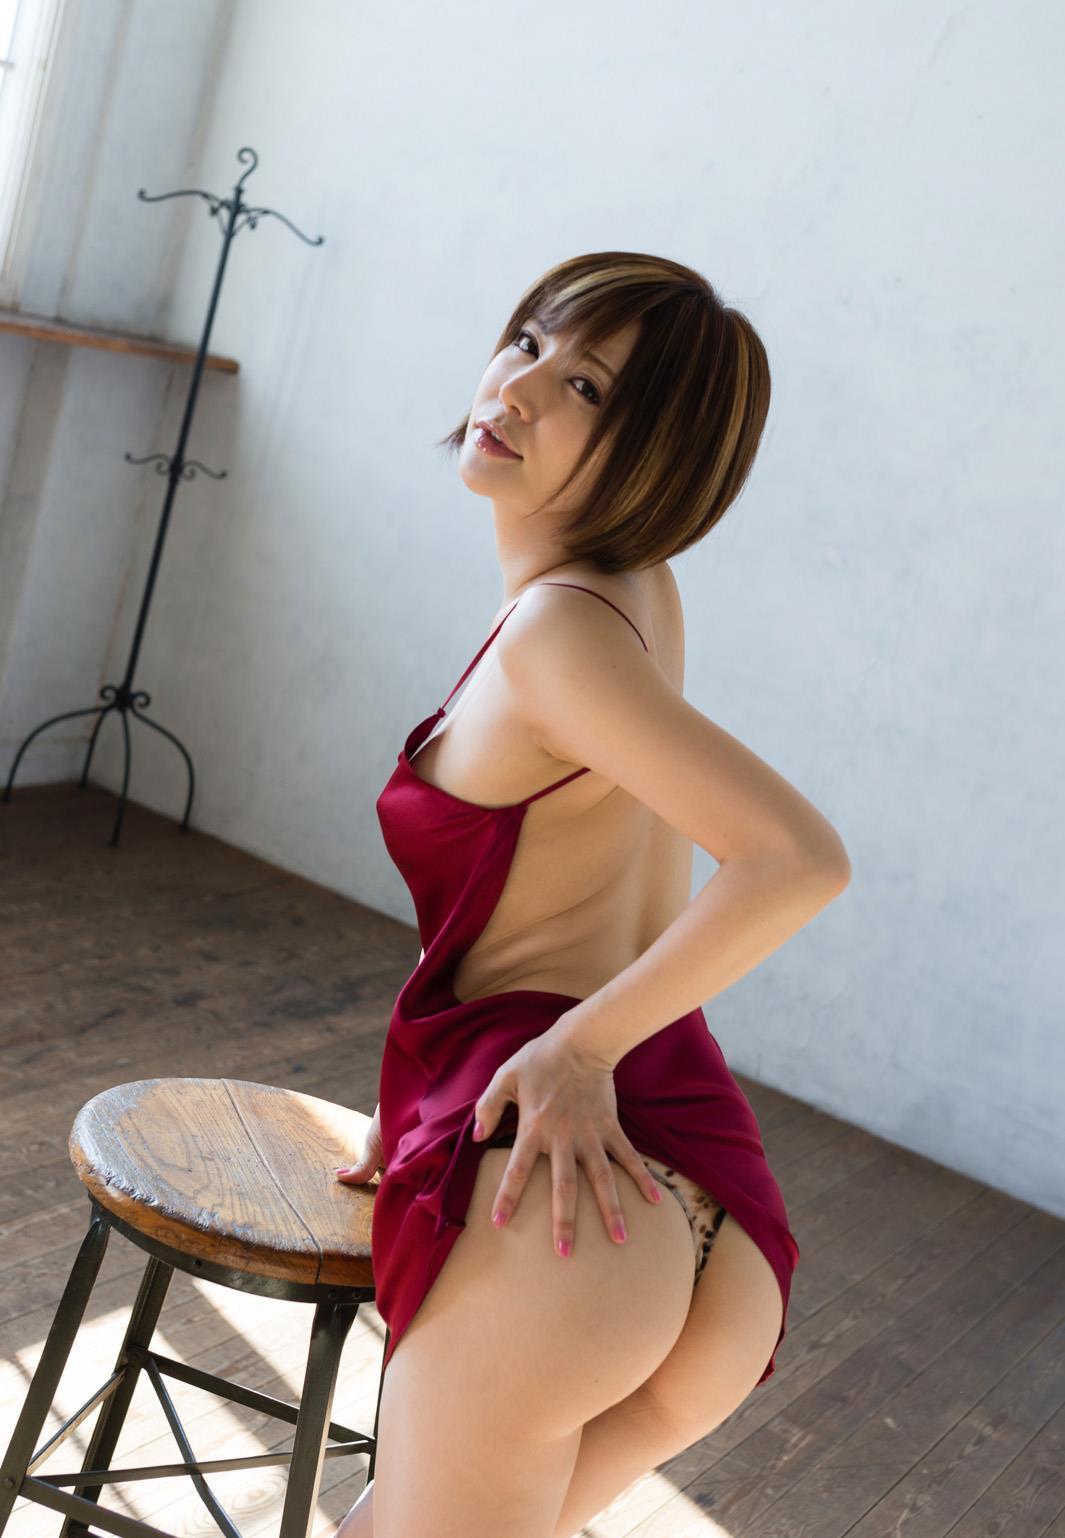 里美ゆりあ(小泉彩) ヌード画像 9